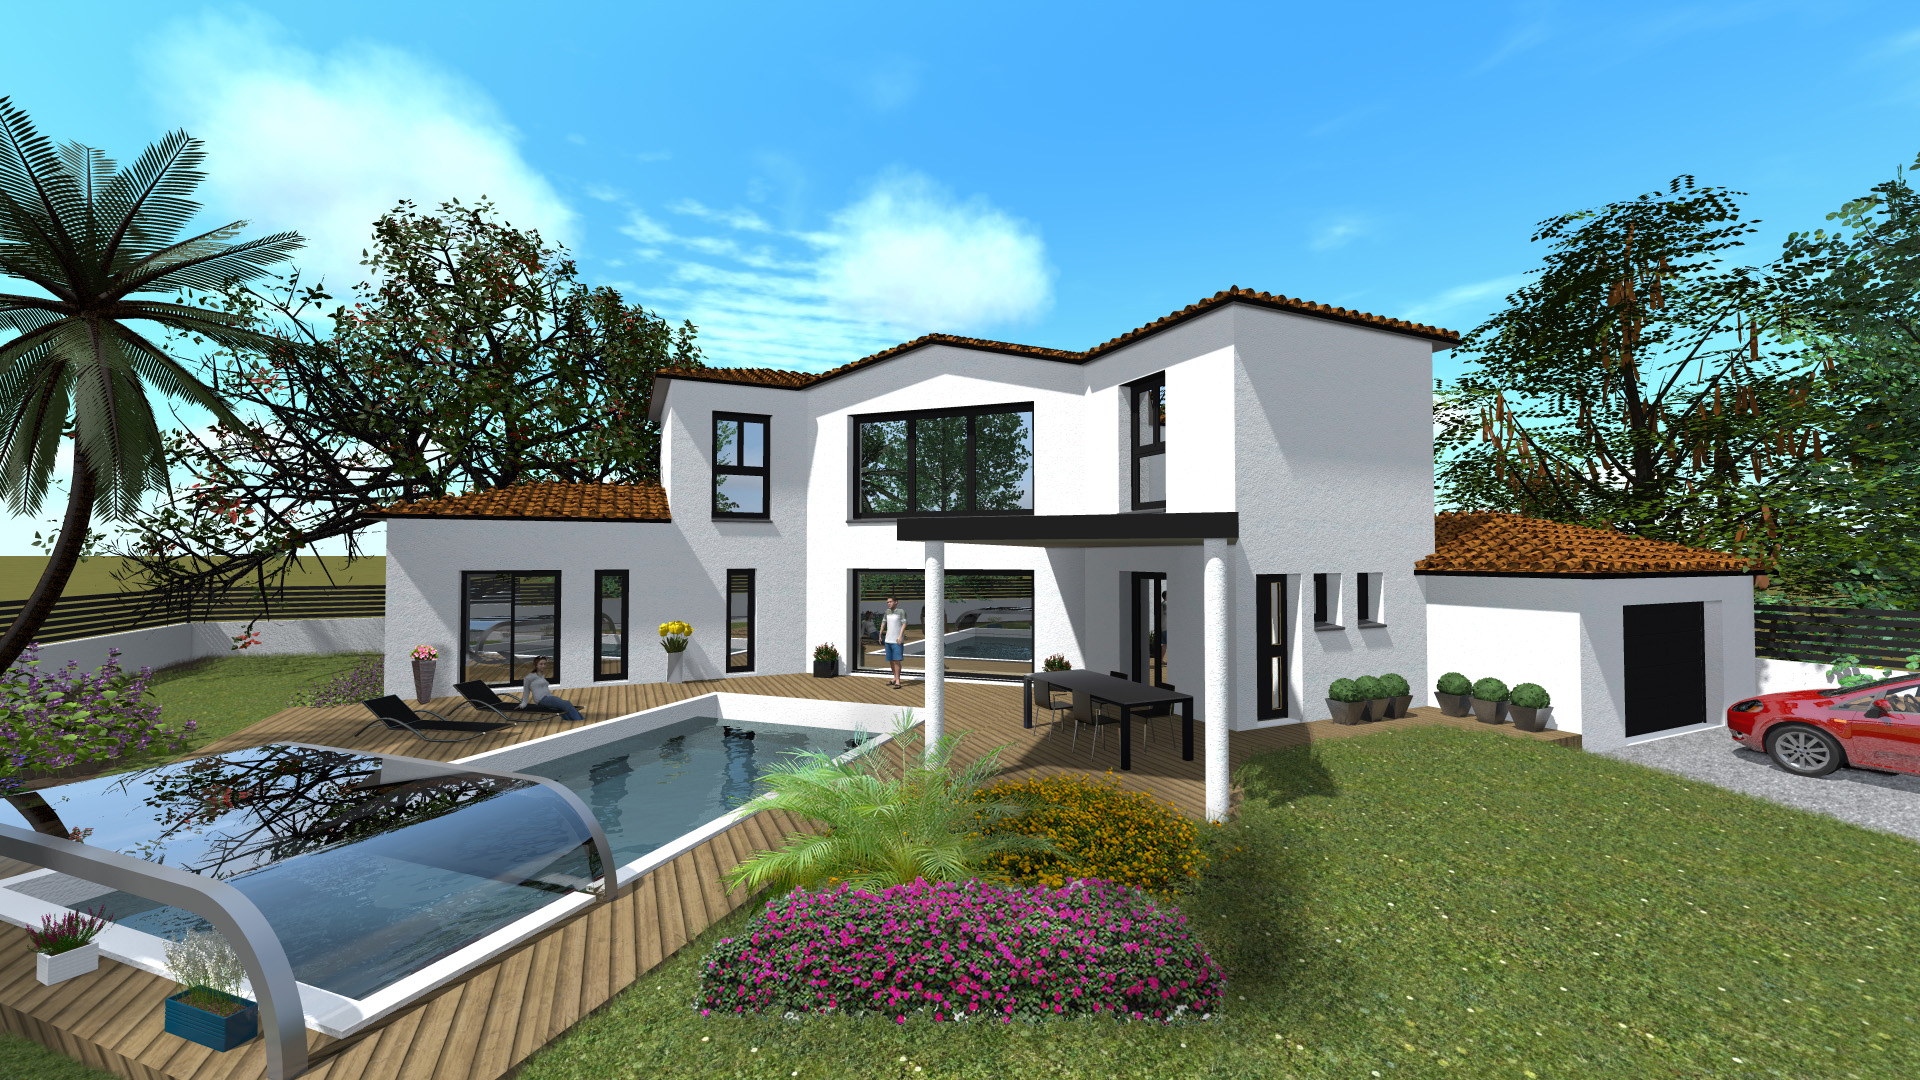 Maisons + Terrains du constructeur VILLAS SUD CREATION • 186 m² • LAUZERVILLE